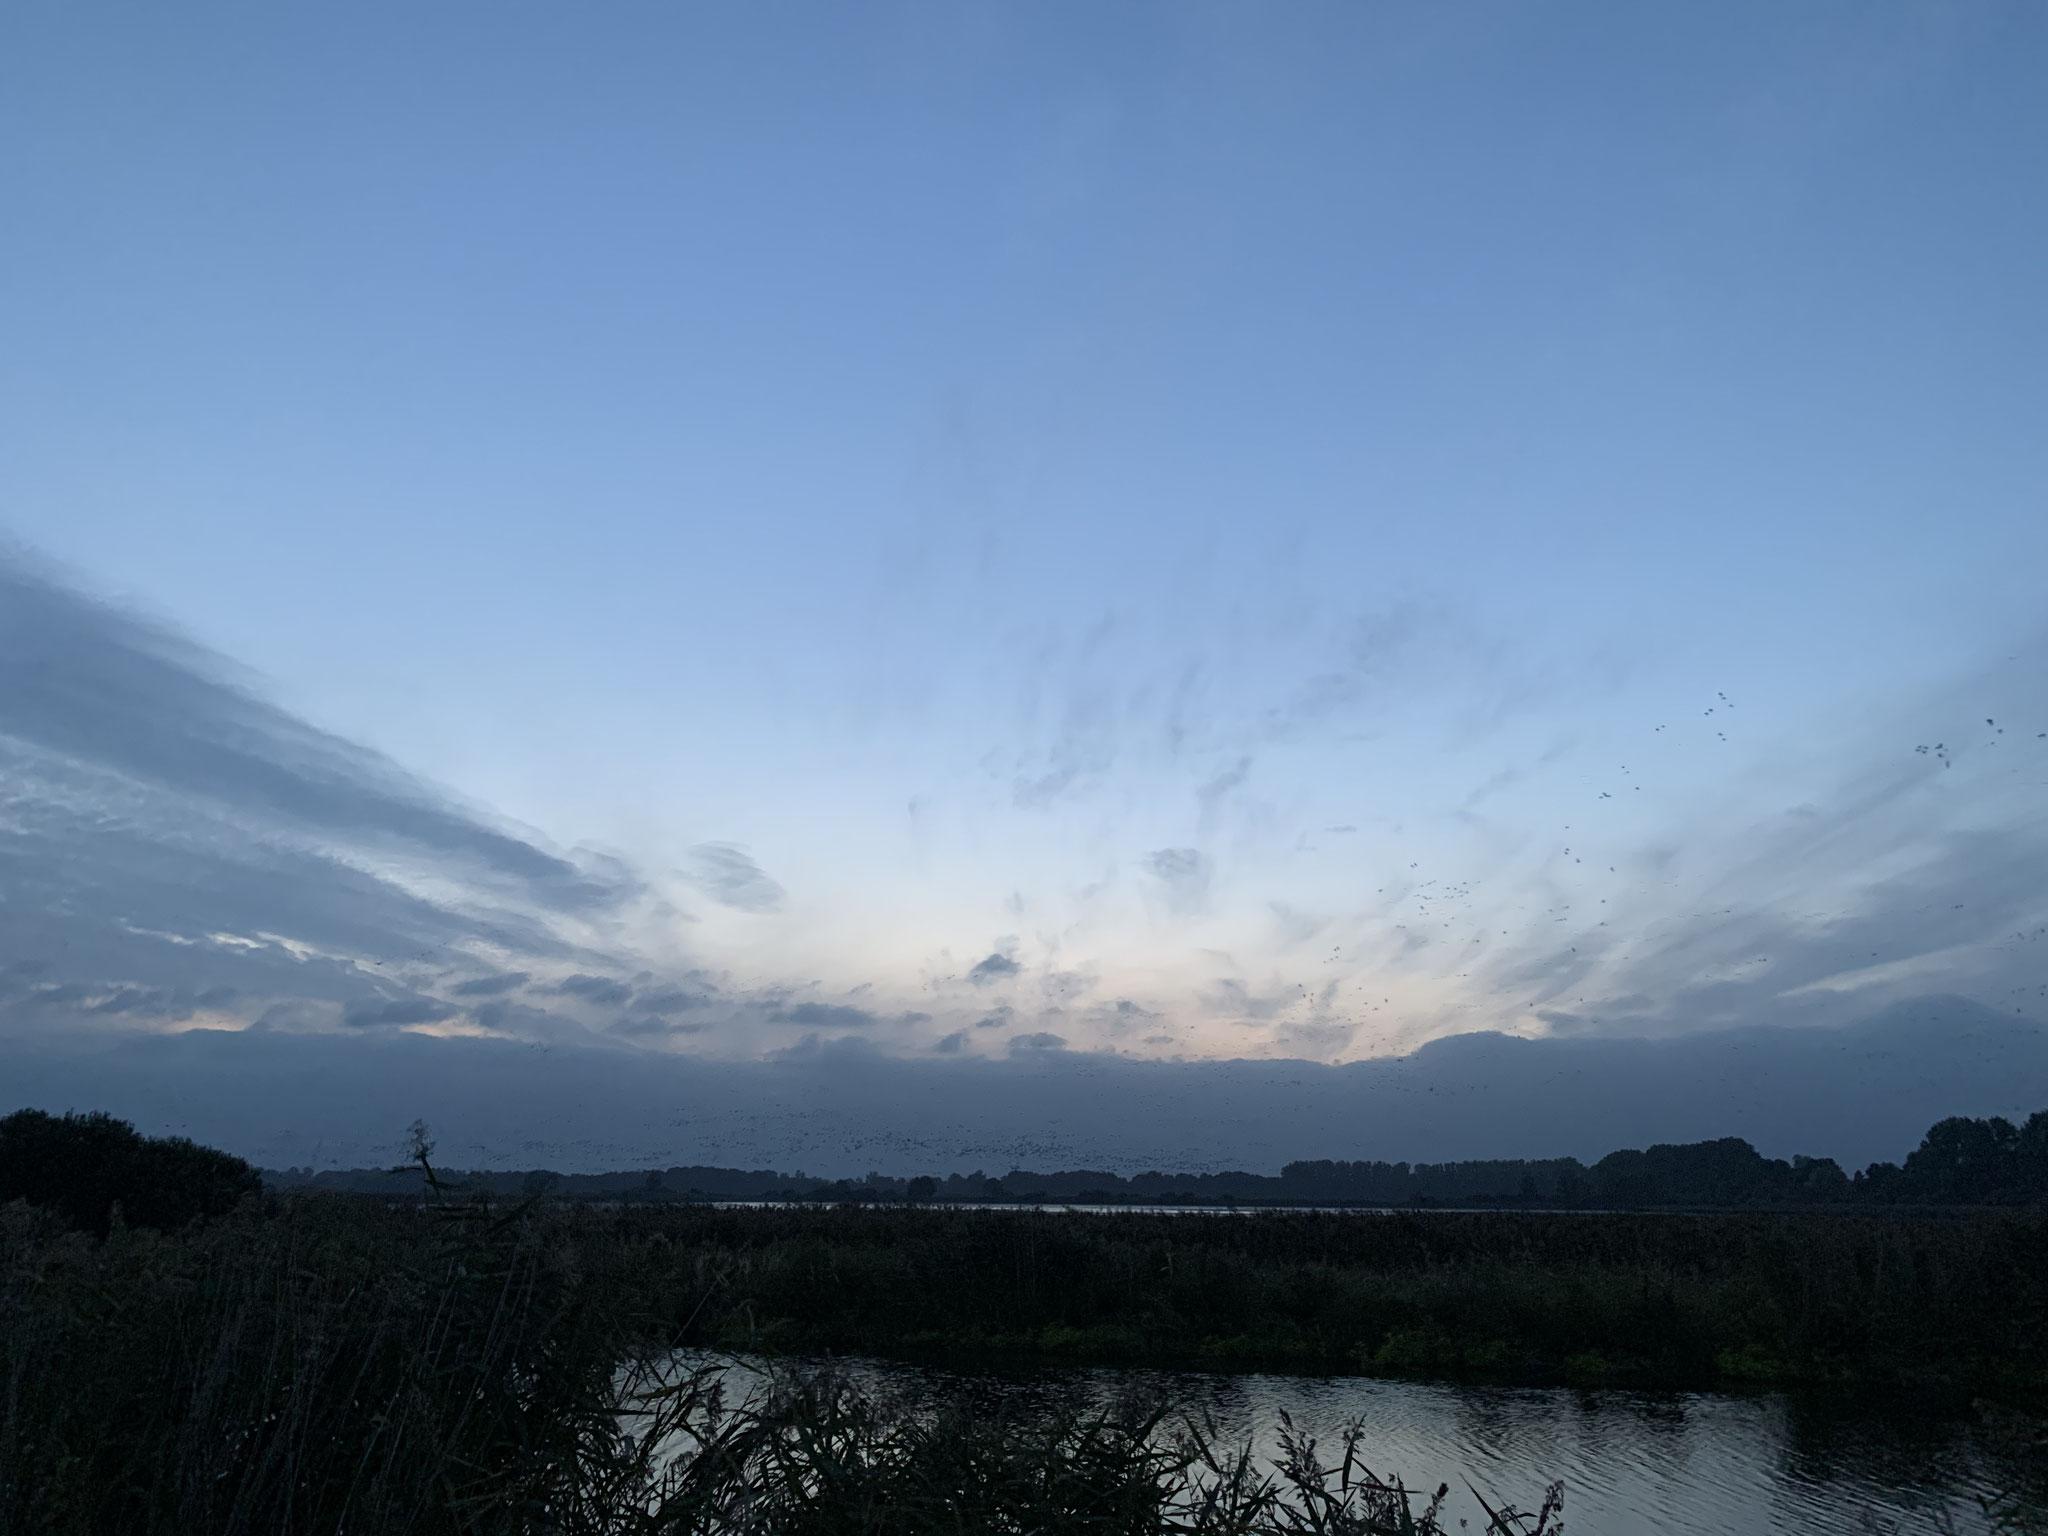 1. Mal den Vogelzug von Gänsen, Kranichen und Kiebitzen in der Lewitz beobachtet. Fantastisch!